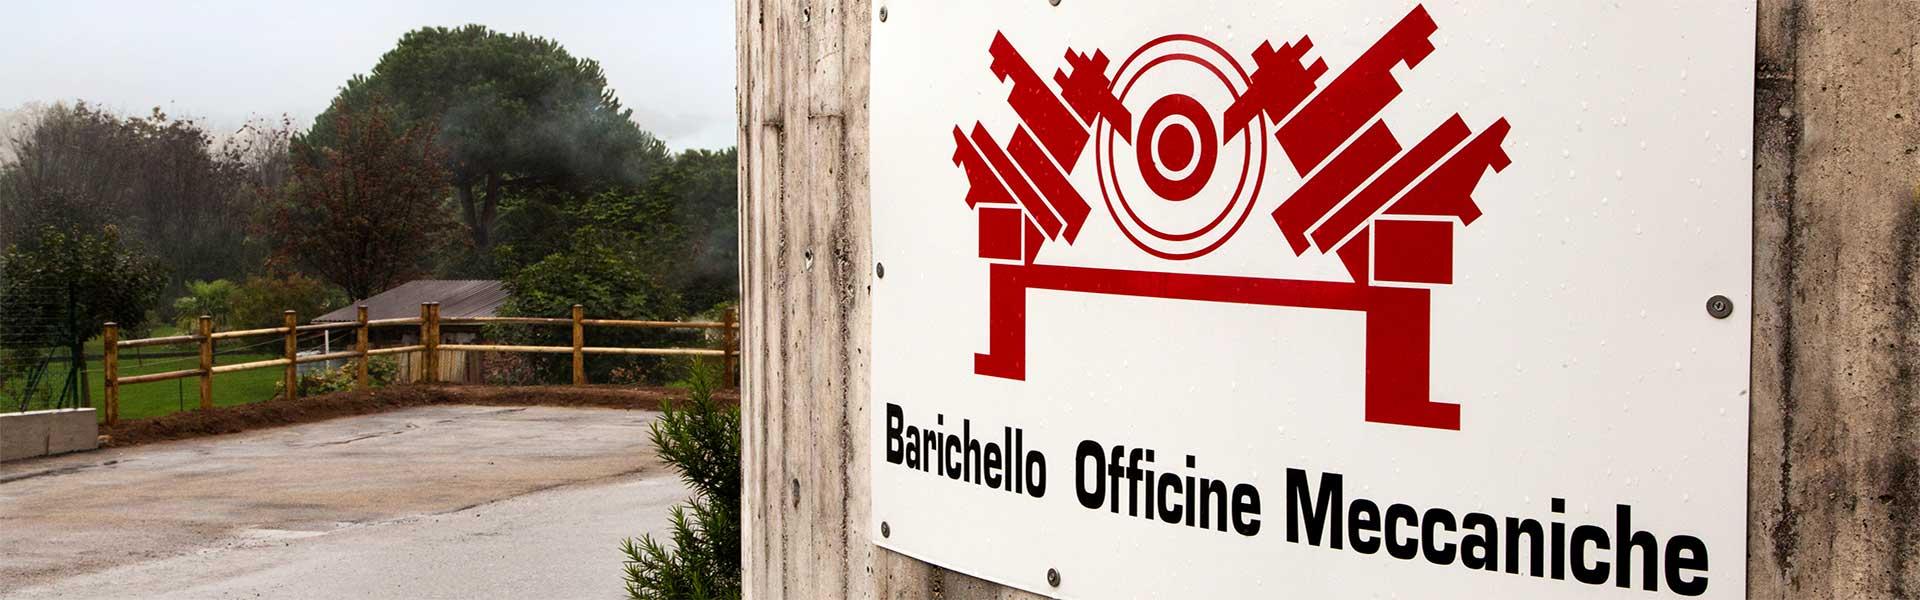 Barichello Officine Meccaniche